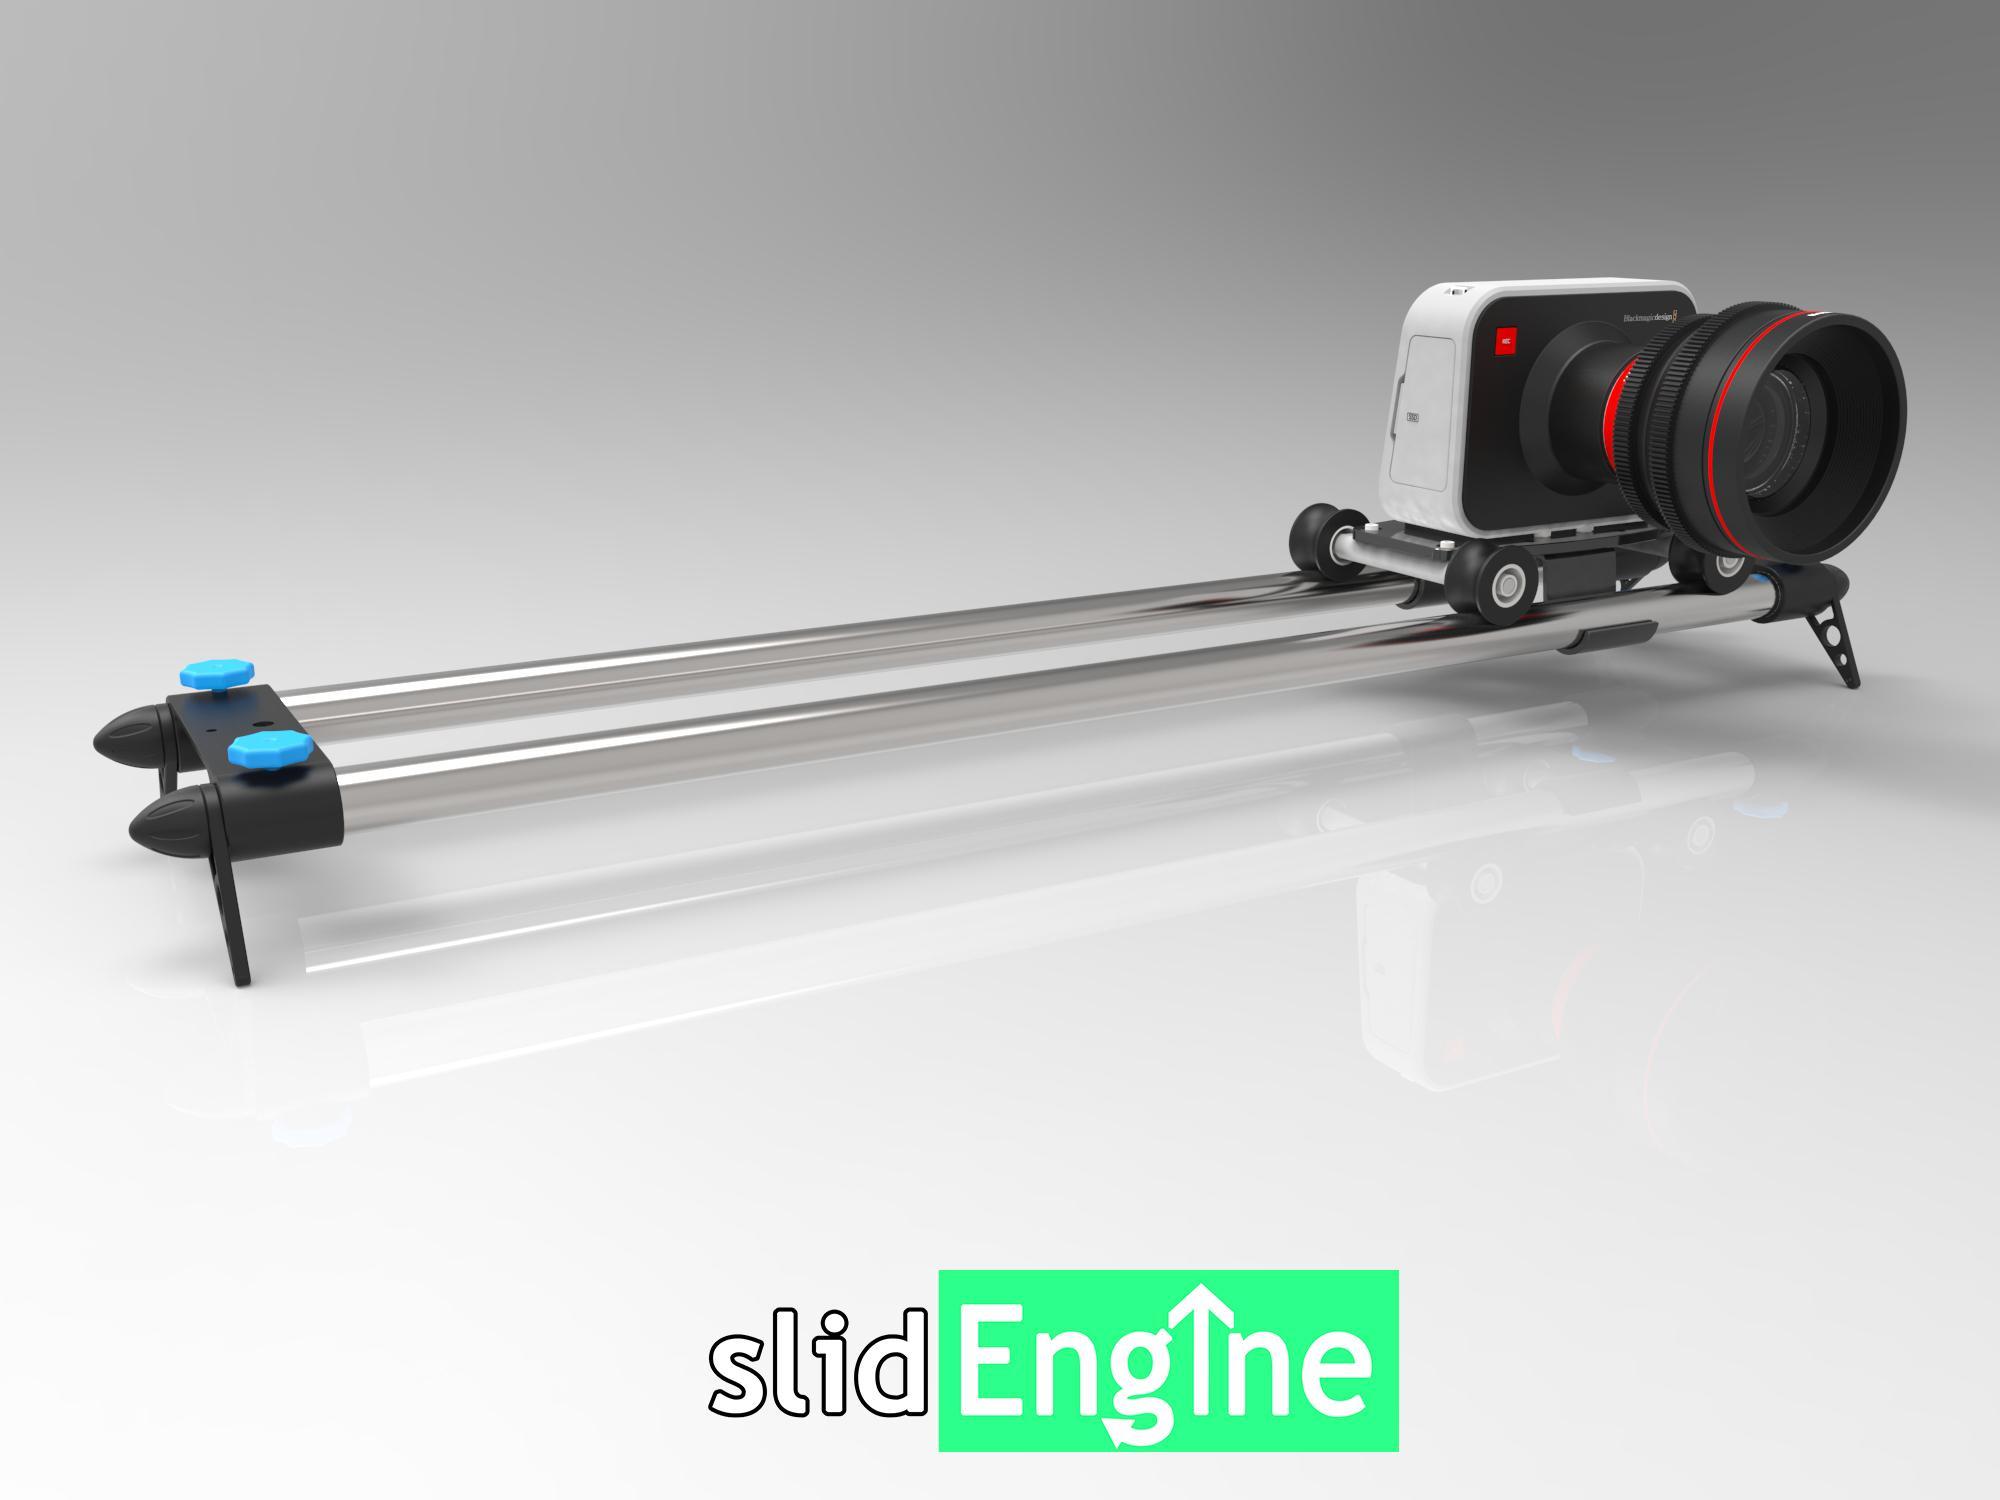 slidEngine